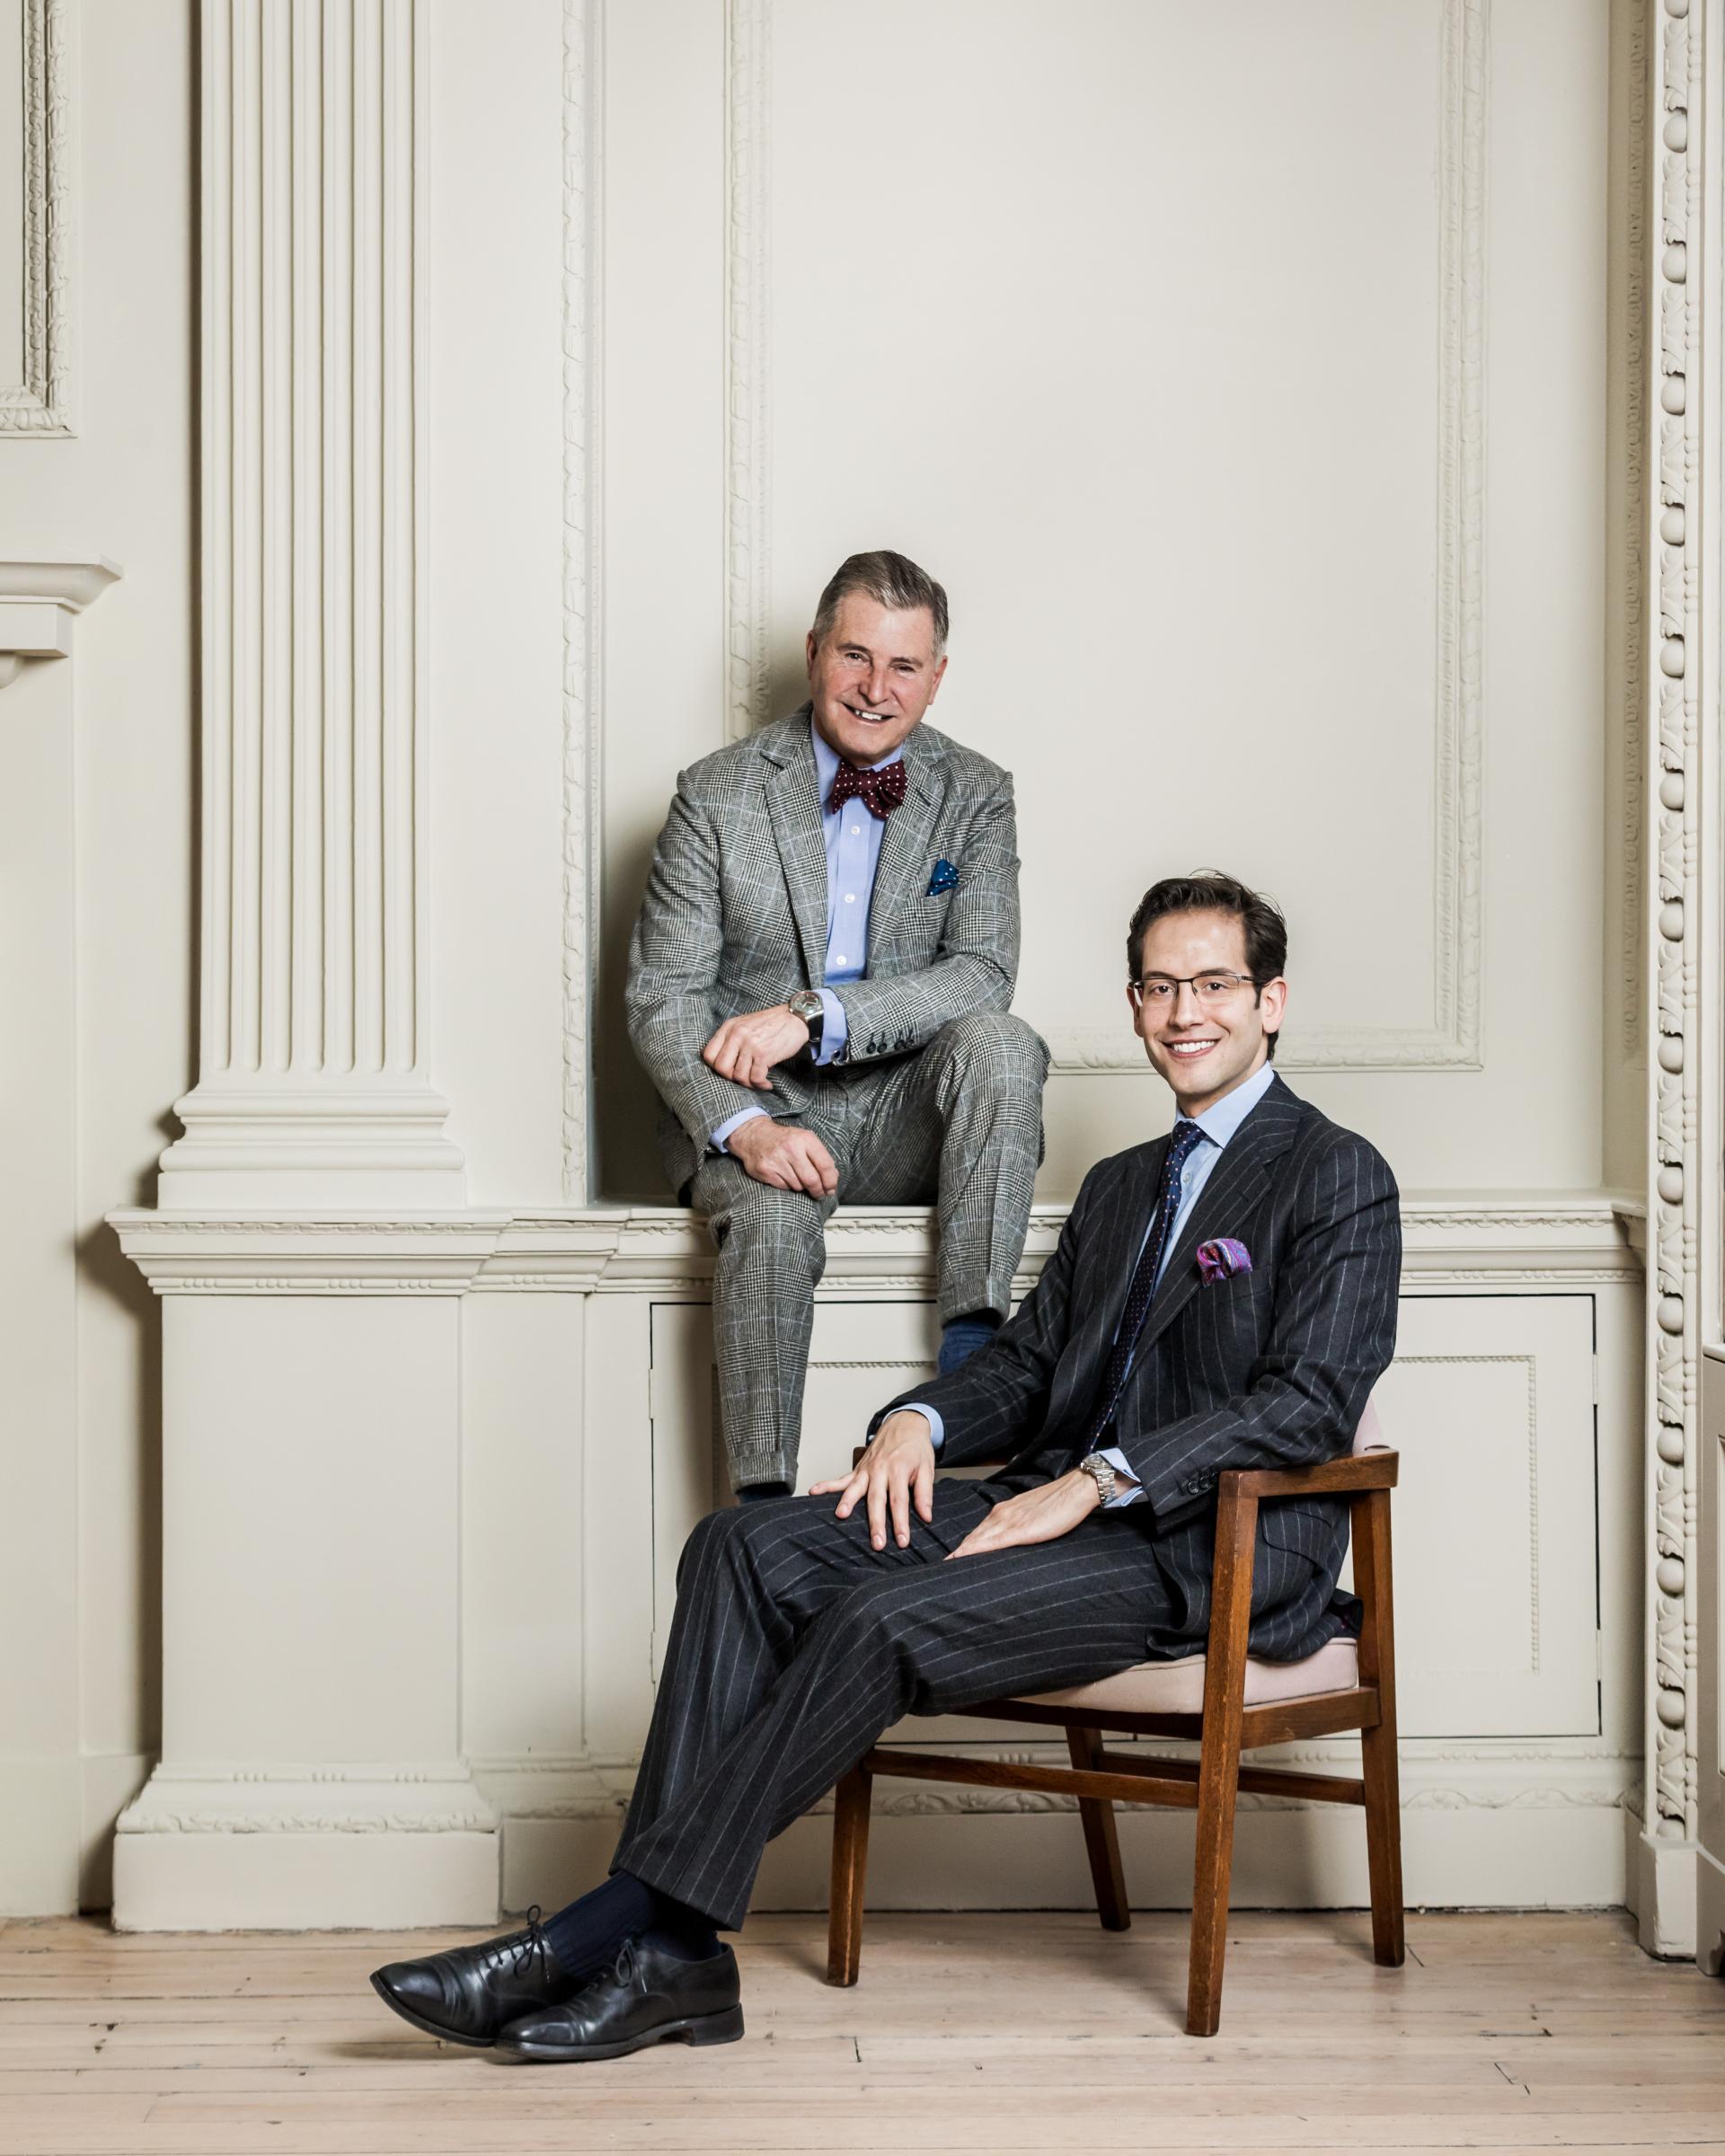 Juan Carlos Benito and Jeremy Hackett